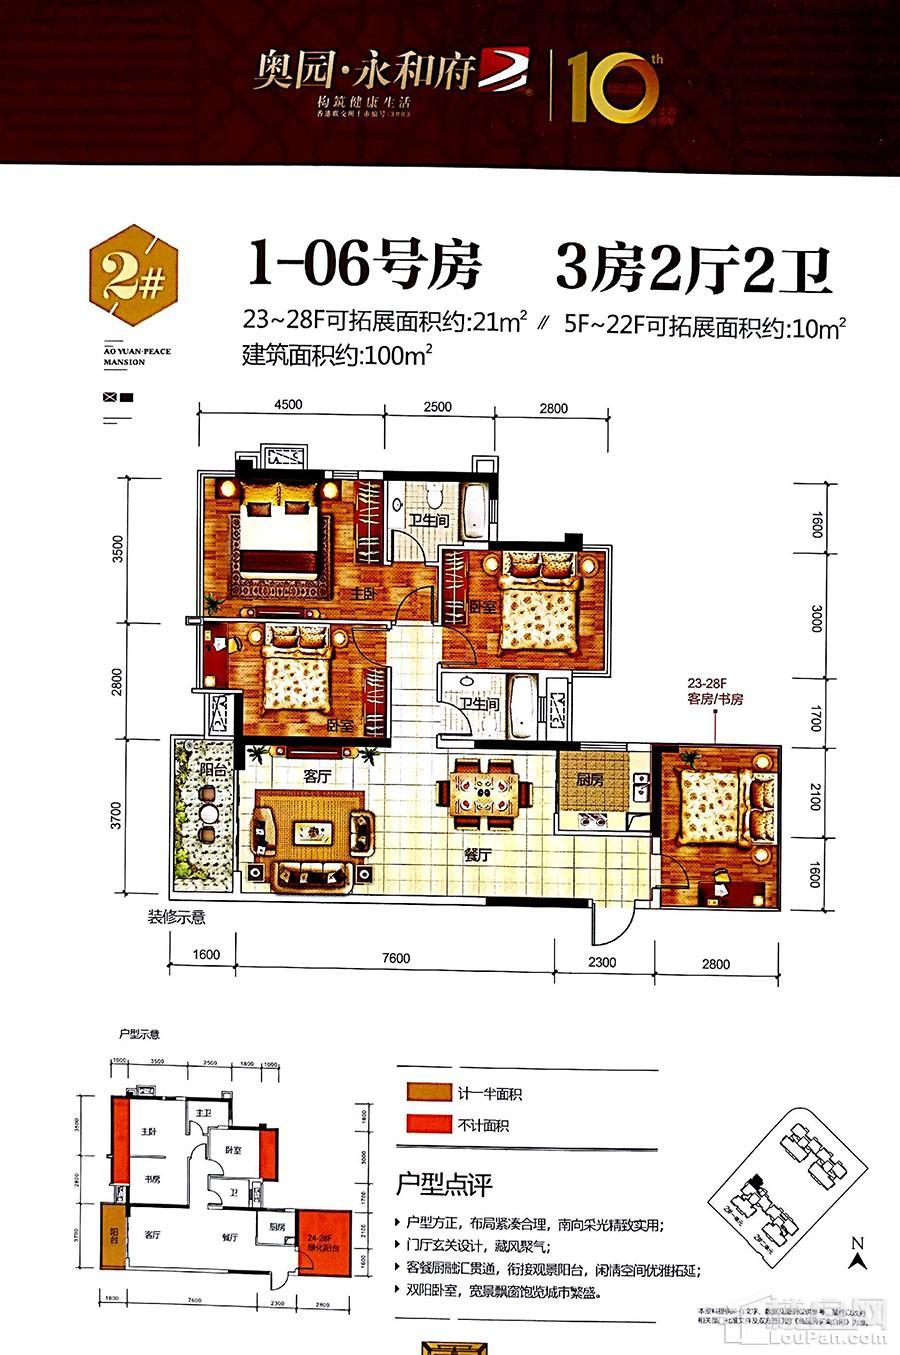 奥园永和府2#楼1-06户型